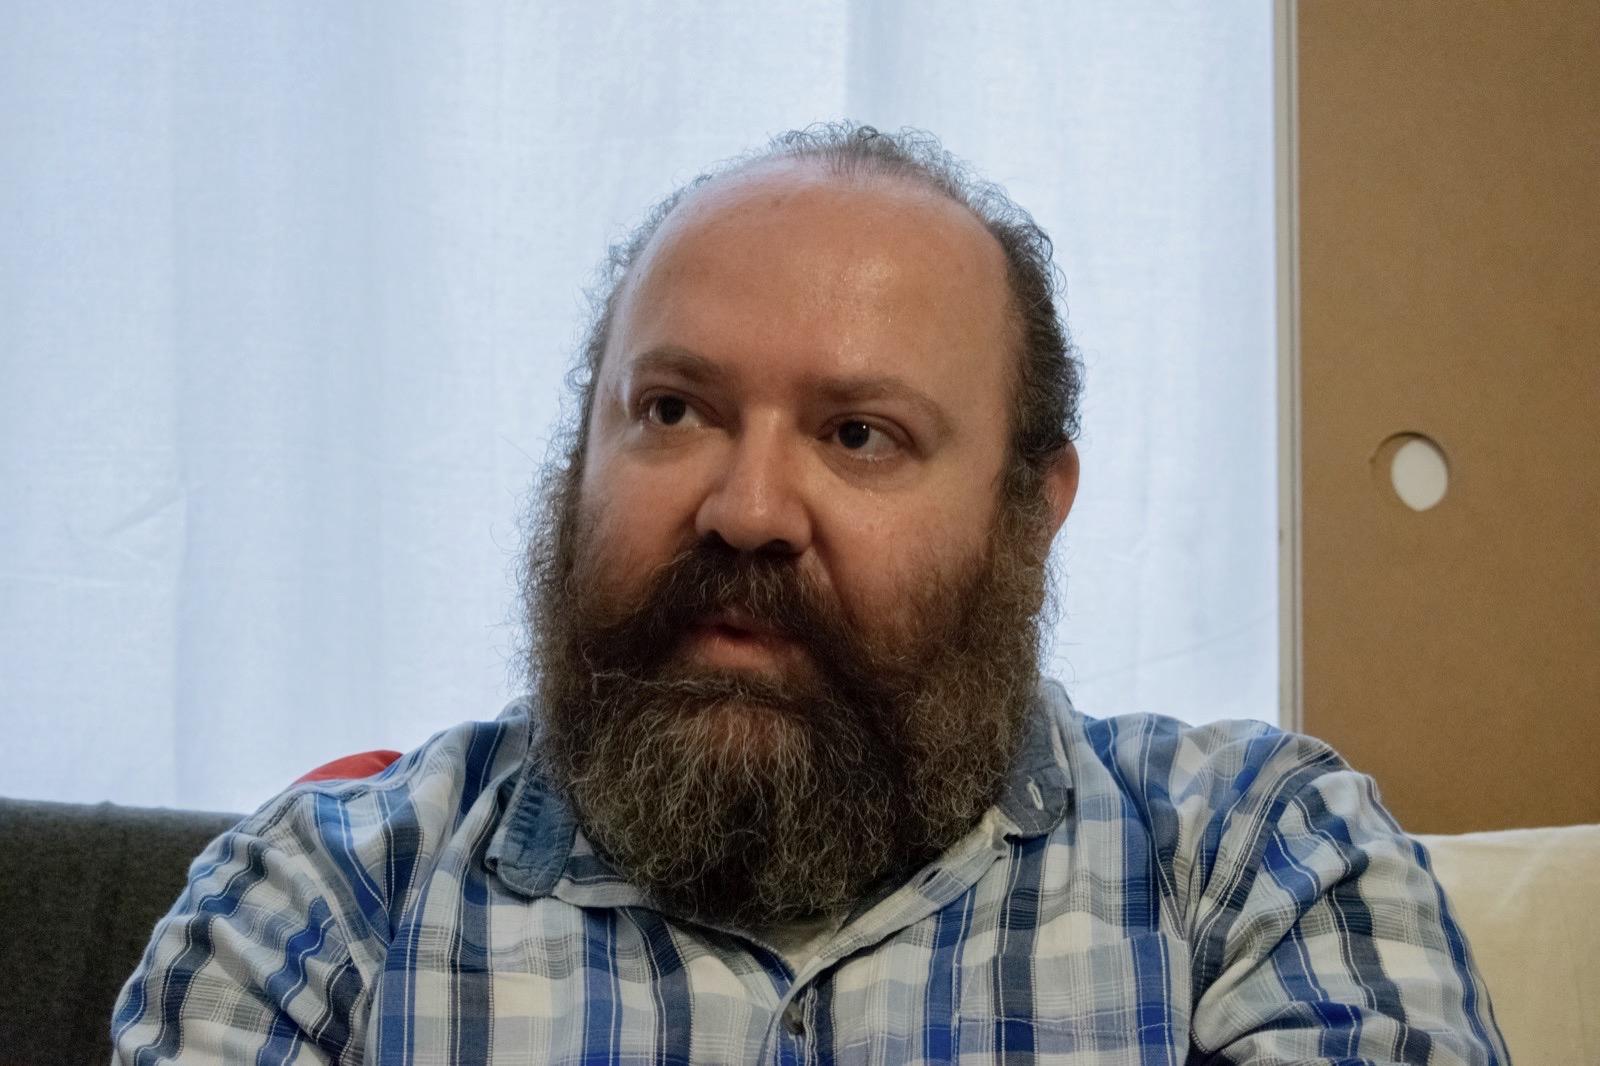 Storyteller Bassam Dawood